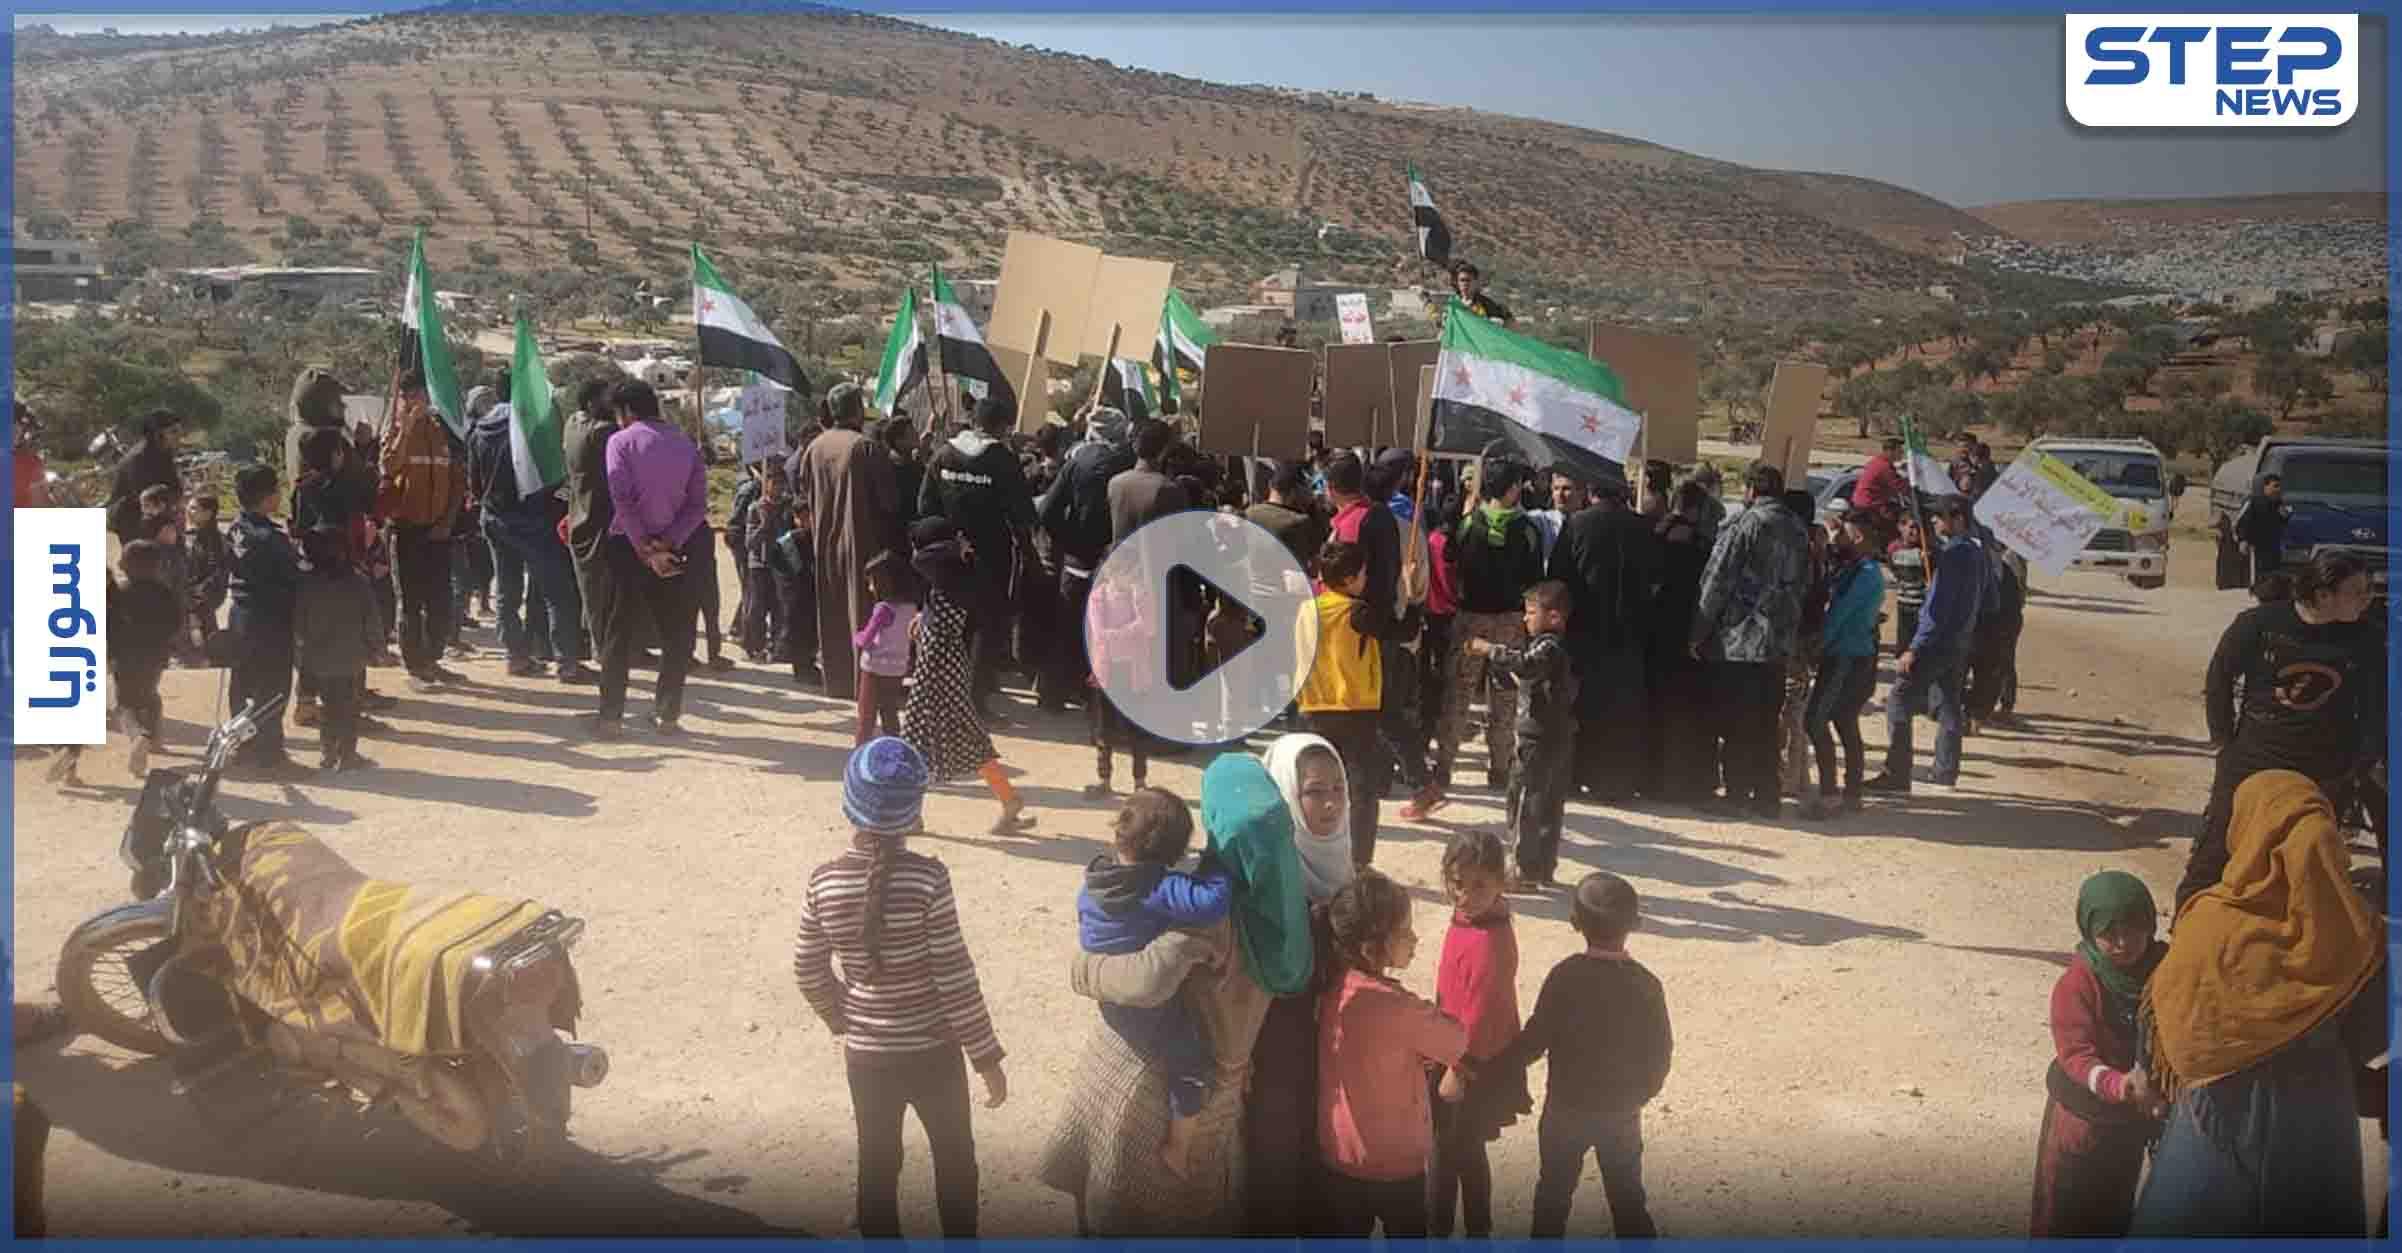 عدسة ستيب ترصد خروج عدة مظاهرات في محافظة إدلب تدعو لإسقاط النظام السوري